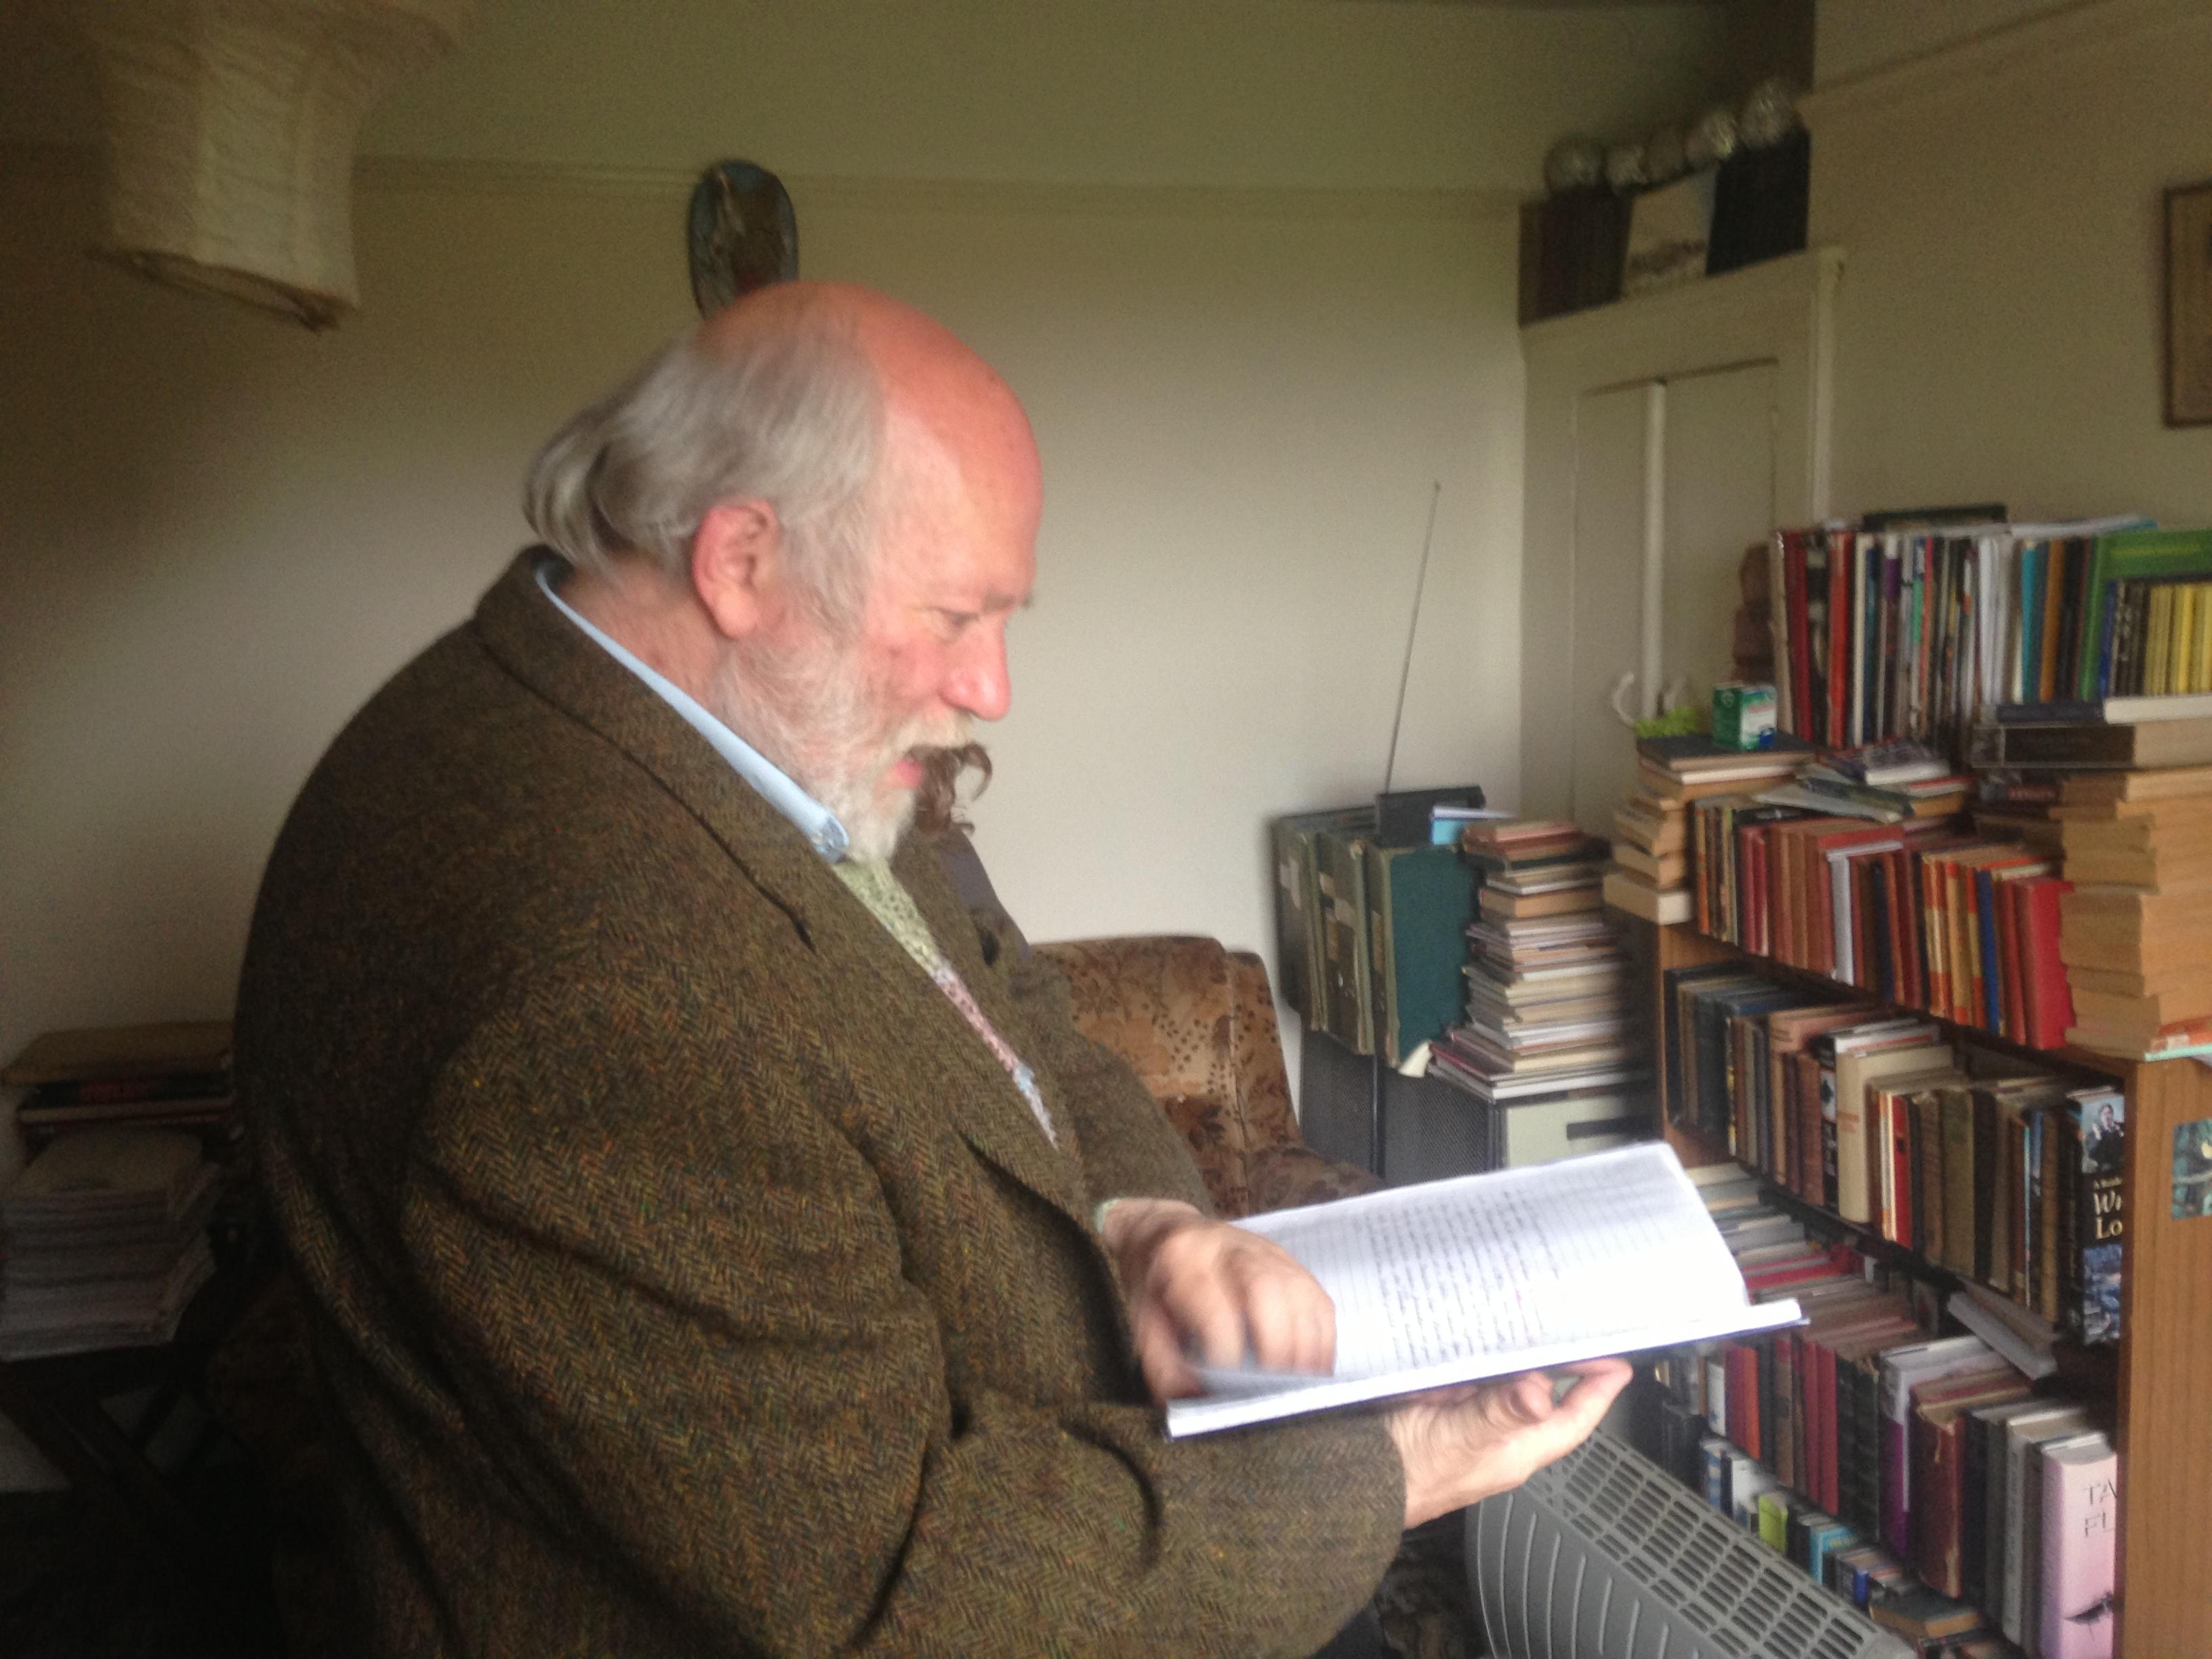 Harvey in his flat, June 2013